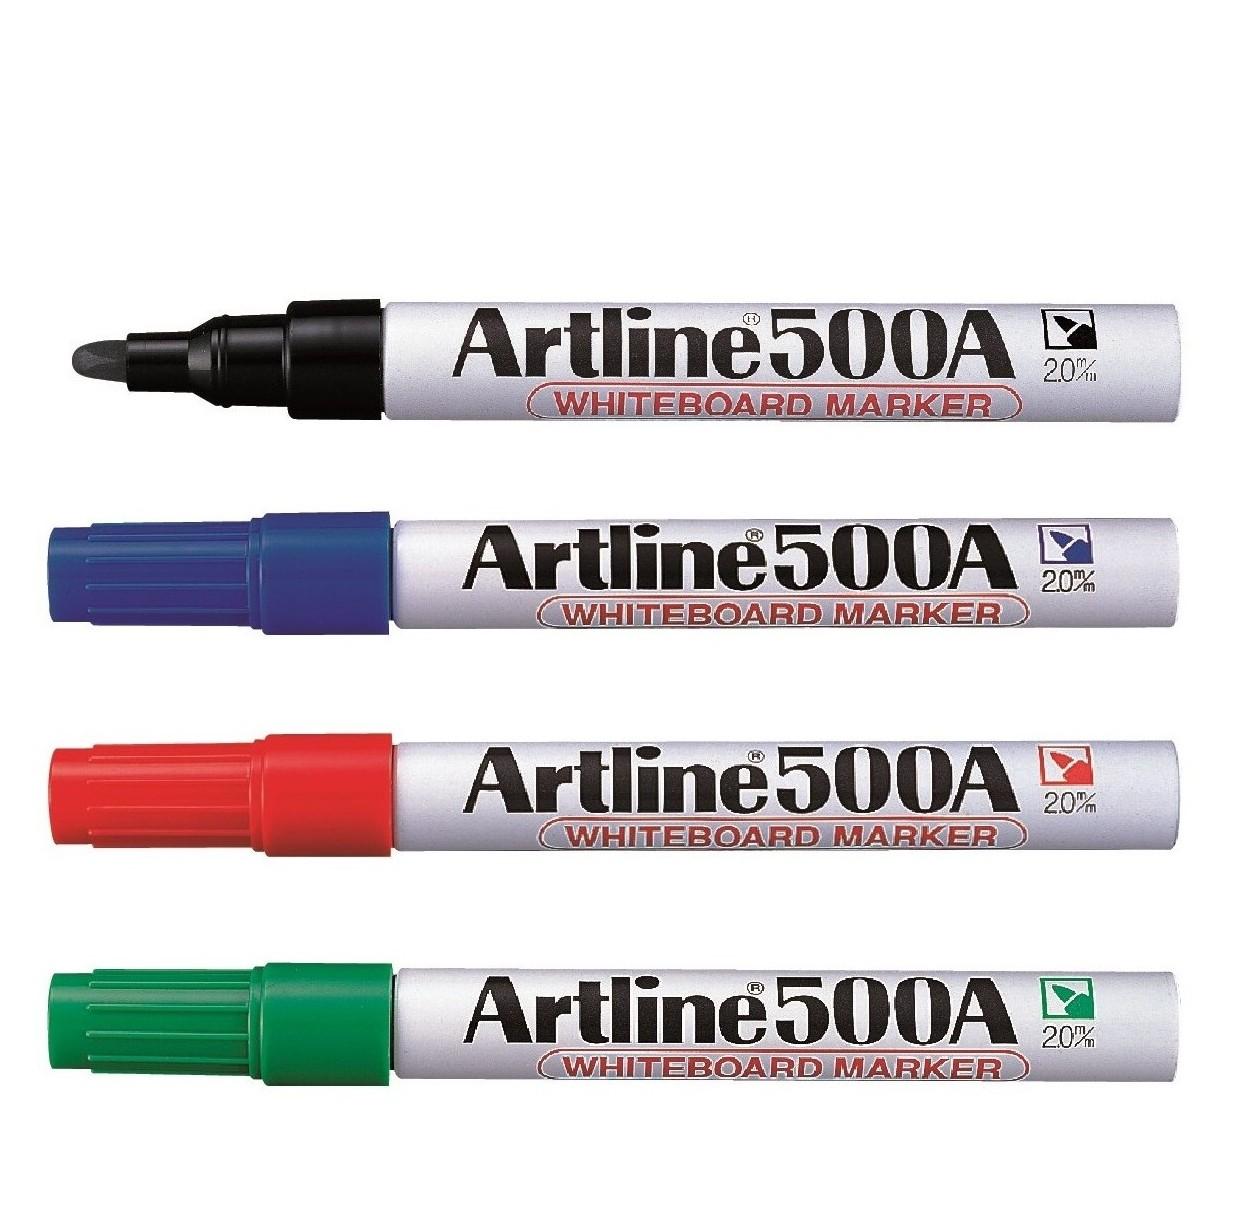 ปากกาไวท์บอร์ด 2 มม.ดำ อาร์ทไลน์ EK-500A